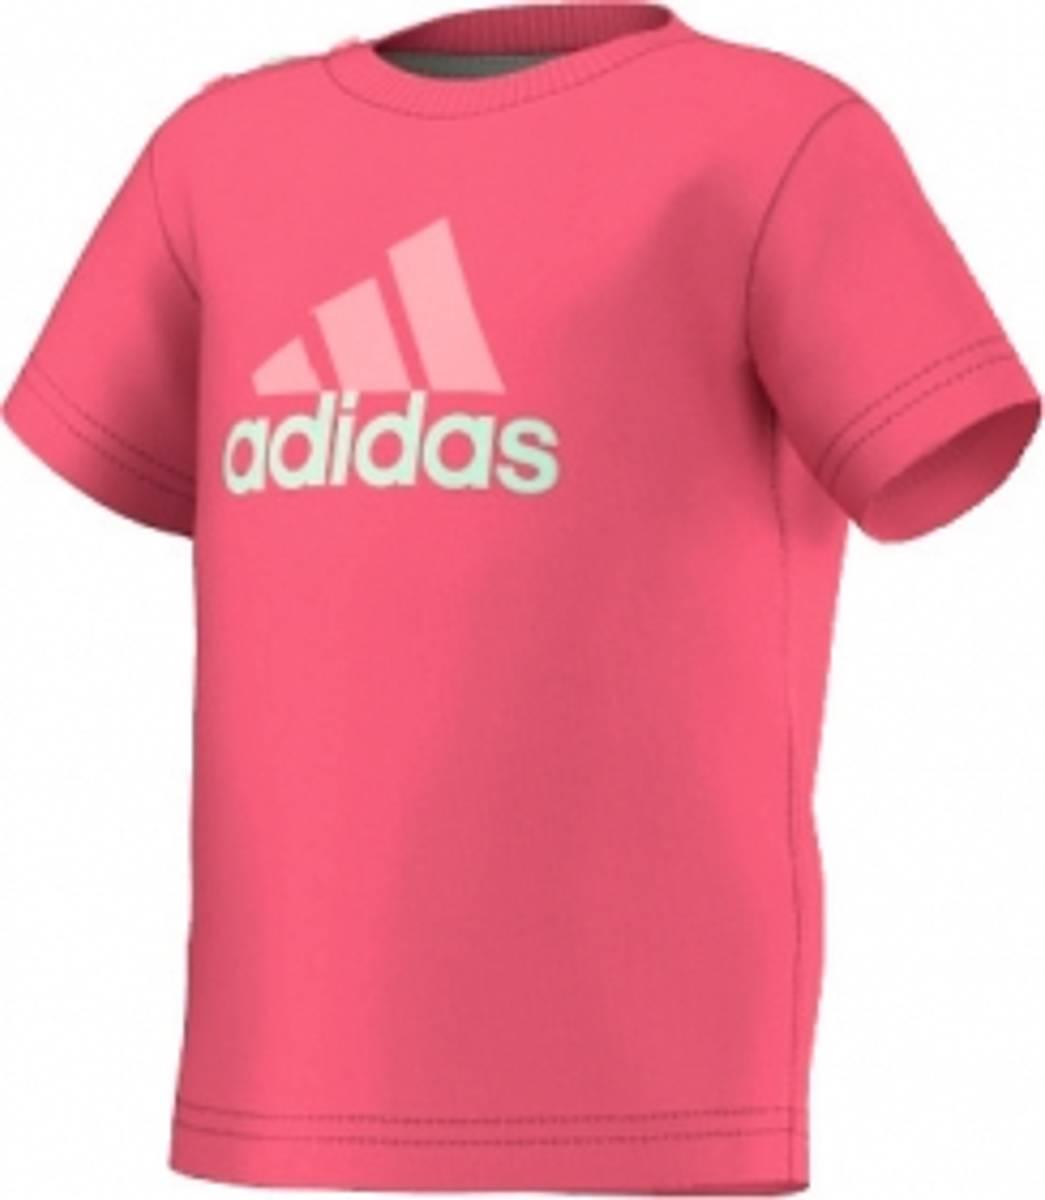 Adidas LS Tee tskjorte - rosa